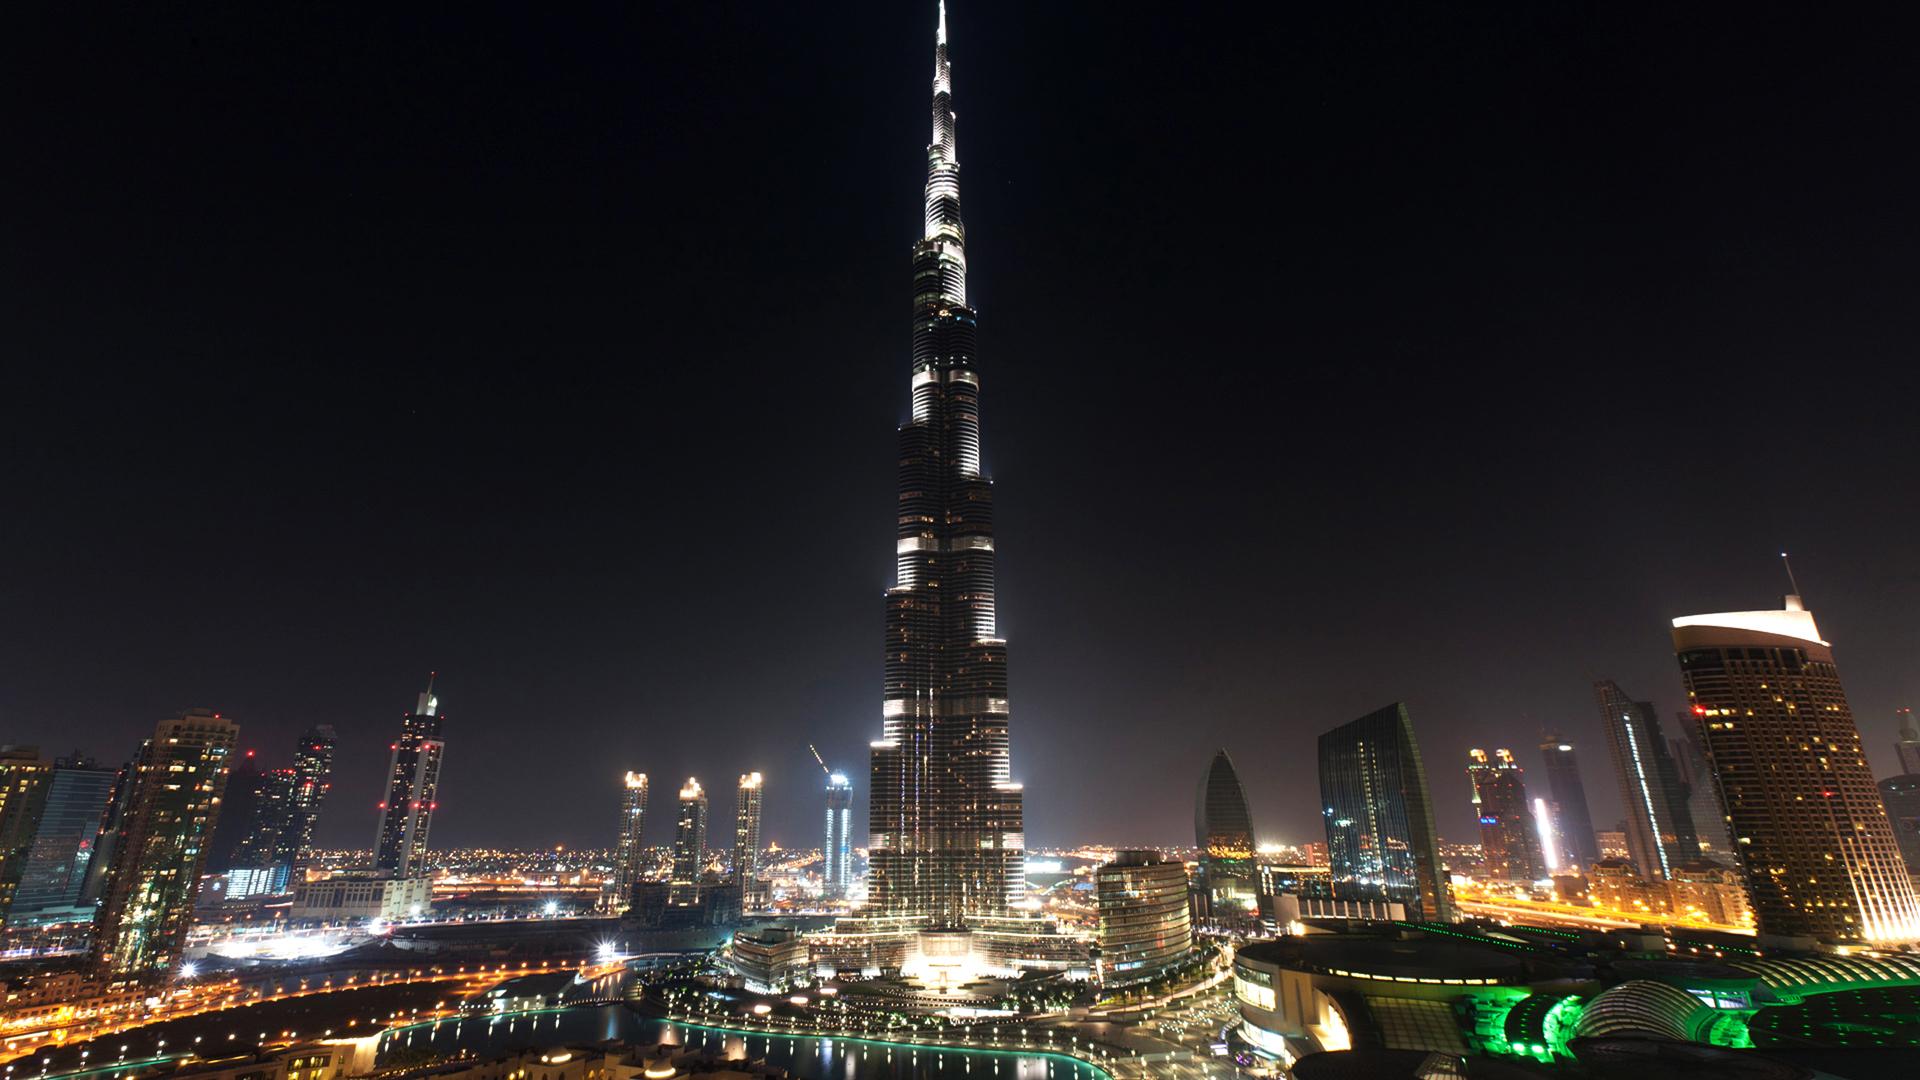 burj khalifa at night 1920x1080